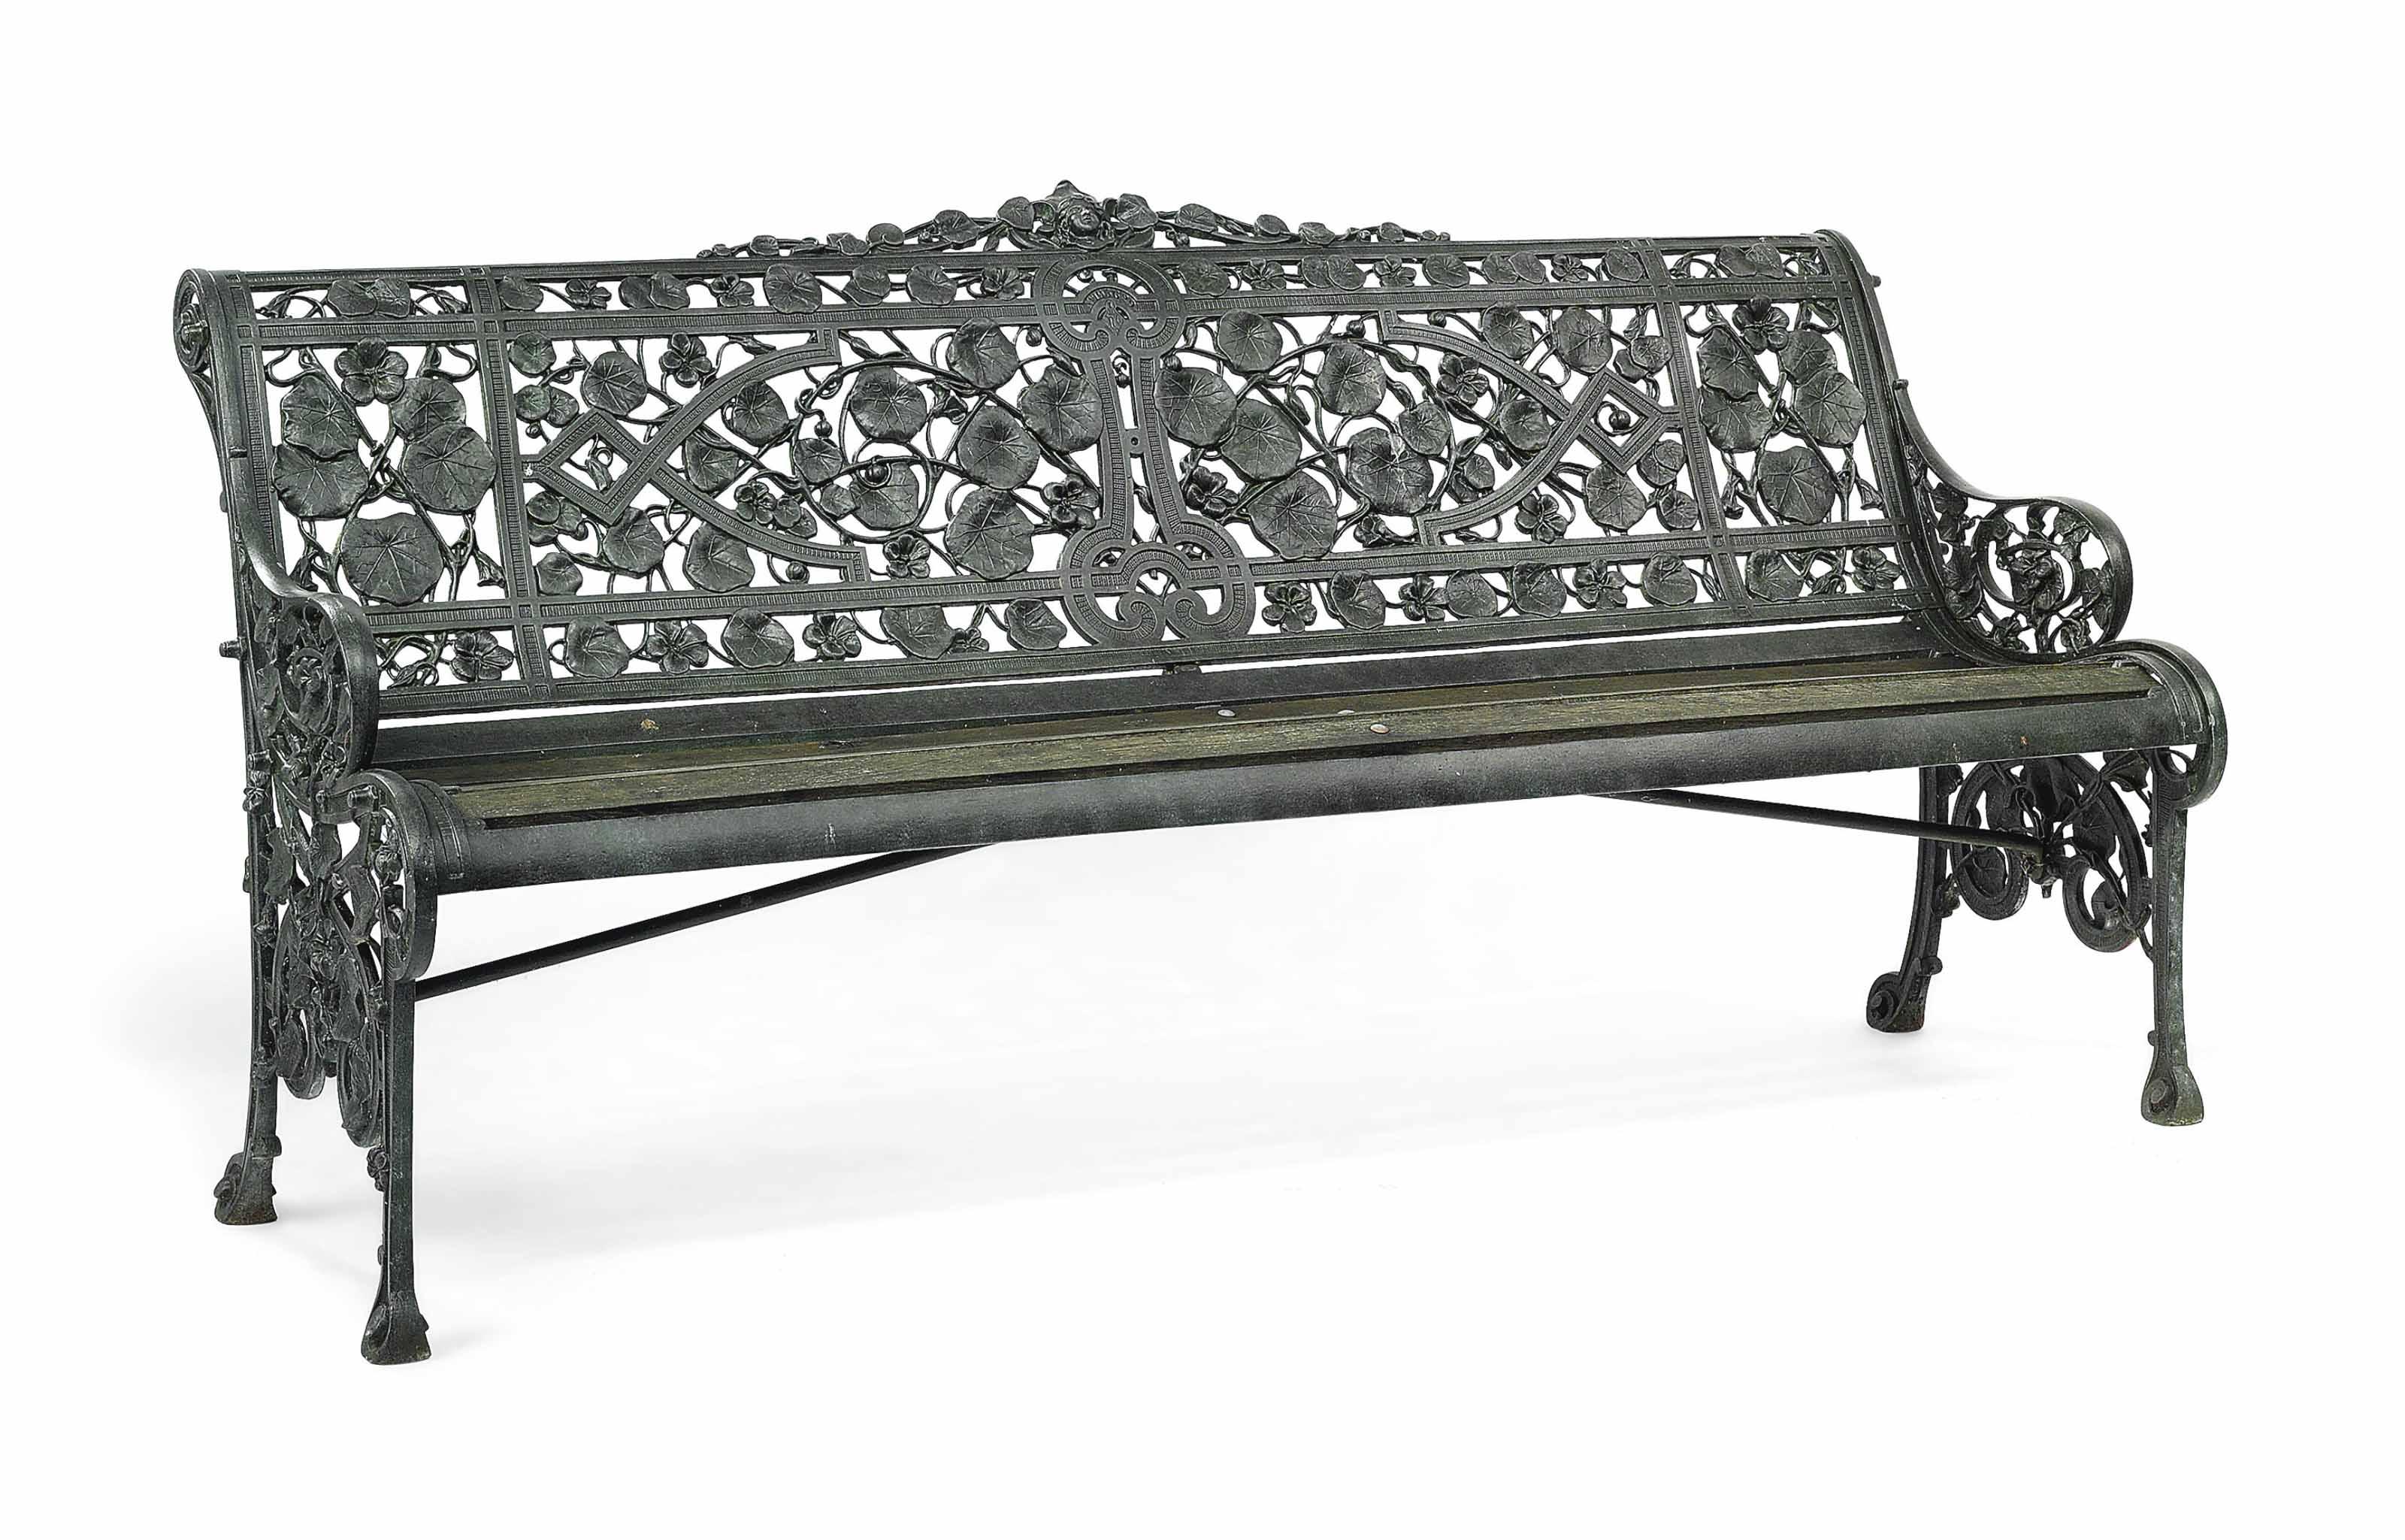 A VICTORIAN CAST-IRON 'NASTURTIUM' PATTERN GARDEN SEAT